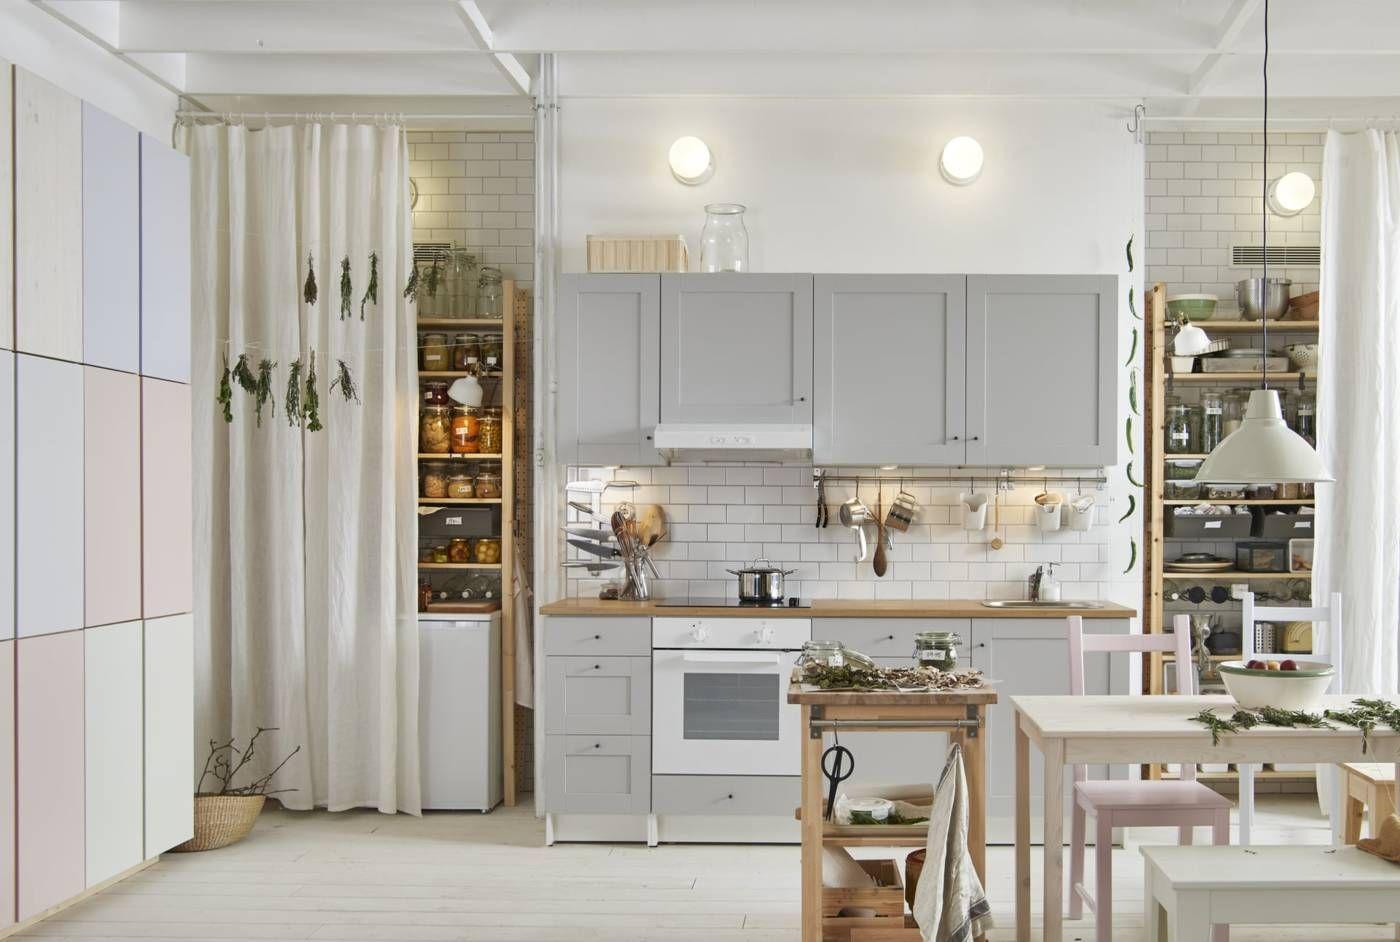 pin lis j lt hayley middleton taulussa kitchen pinterest. Black Bedroom Furniture Sets. Home Design Ideas